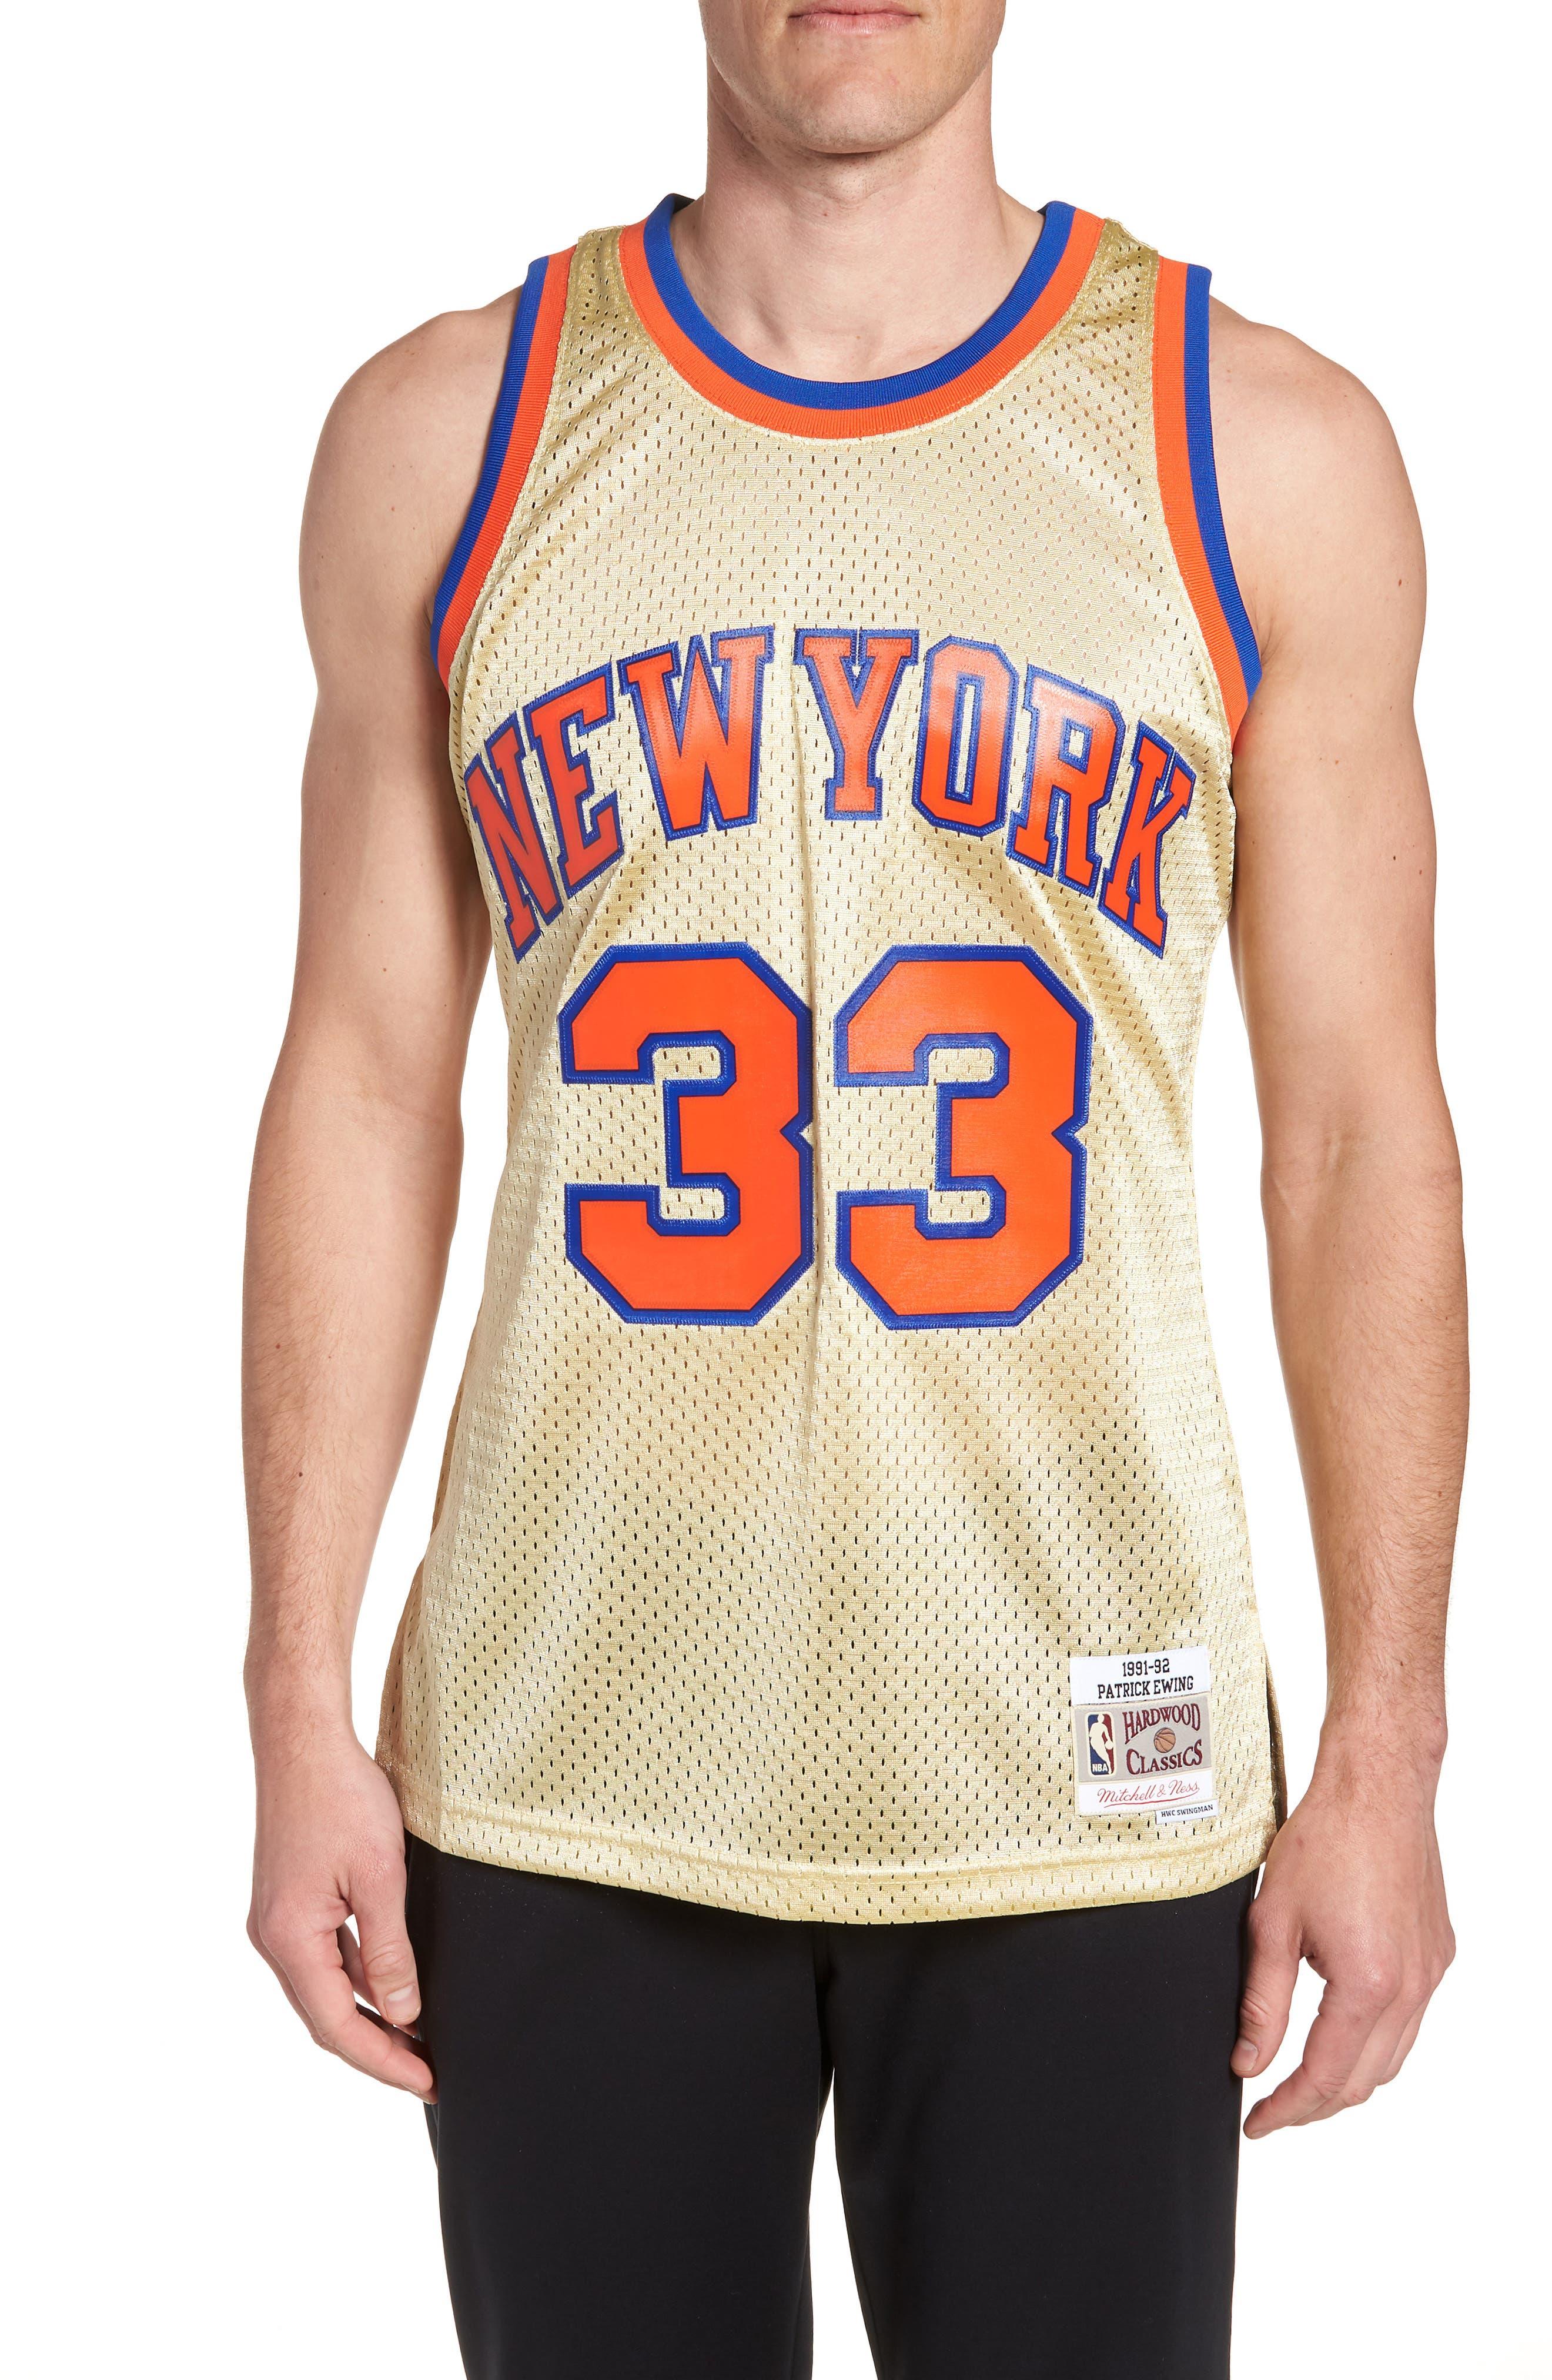 MITCHELL & NESS NBA GOLD EWING JERSEY